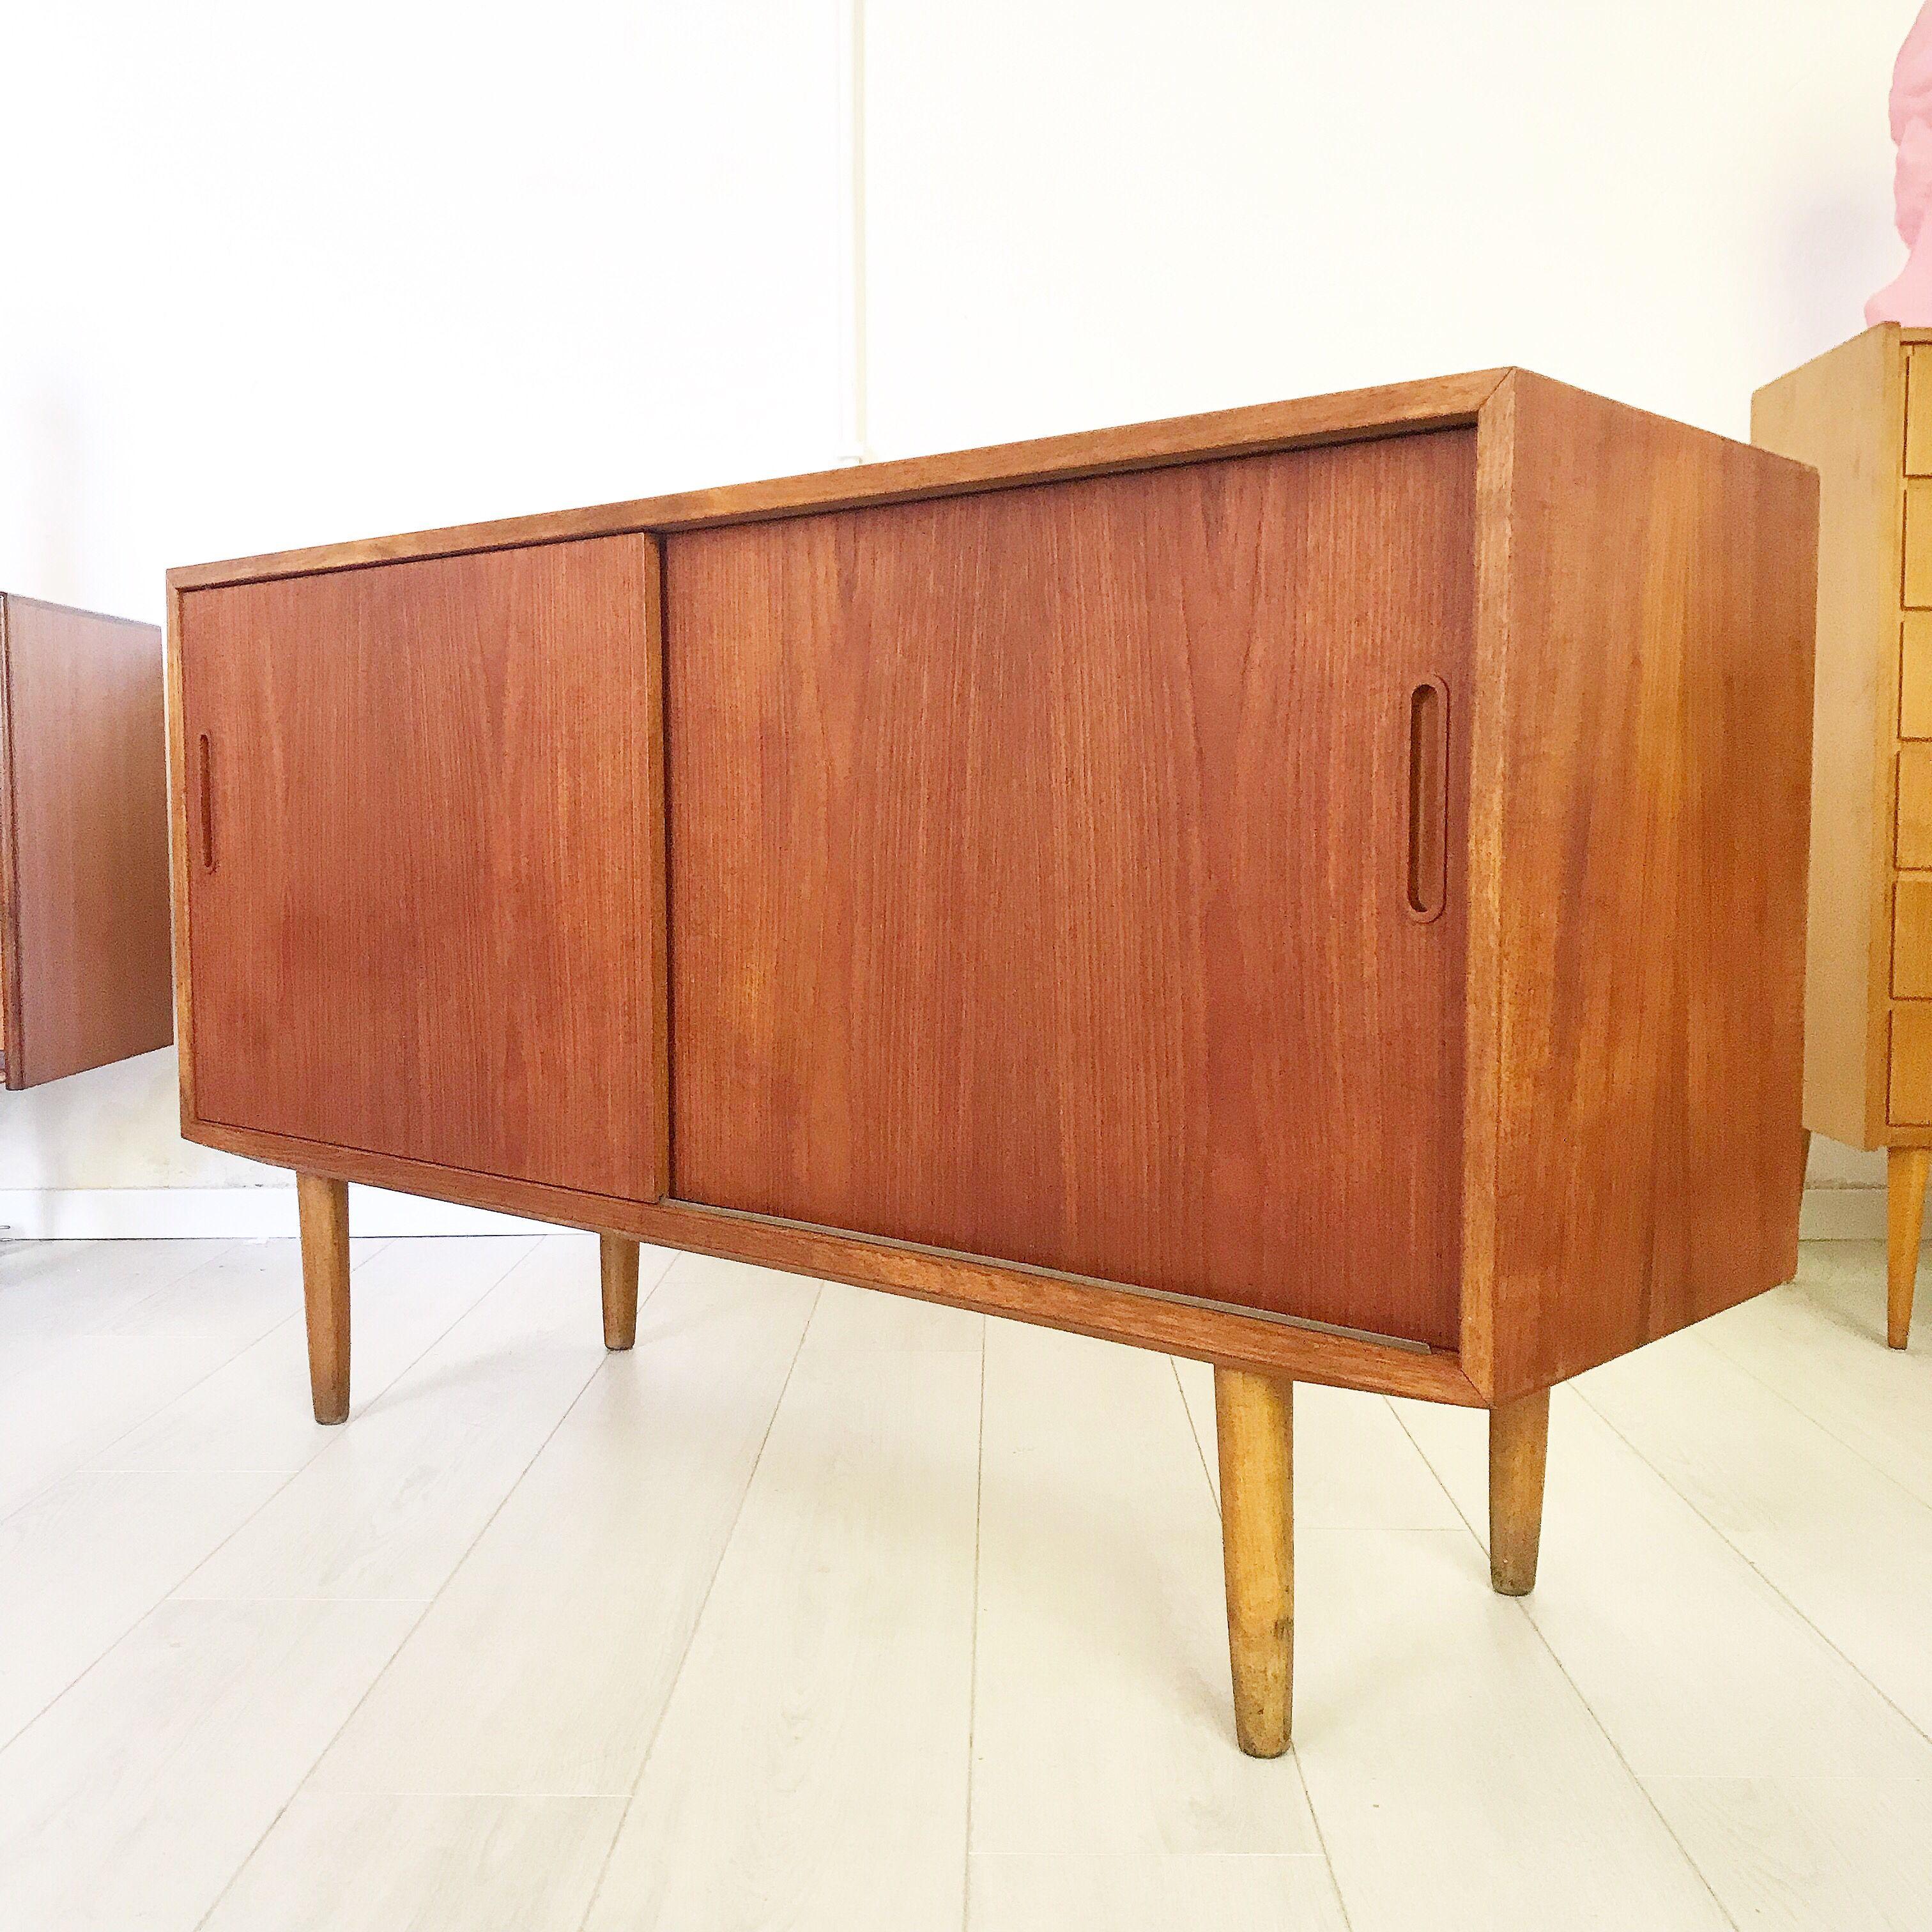 Arredamento Anni 60 Foto vintage sideboard credenza madia anni '50 anni '60   idea di